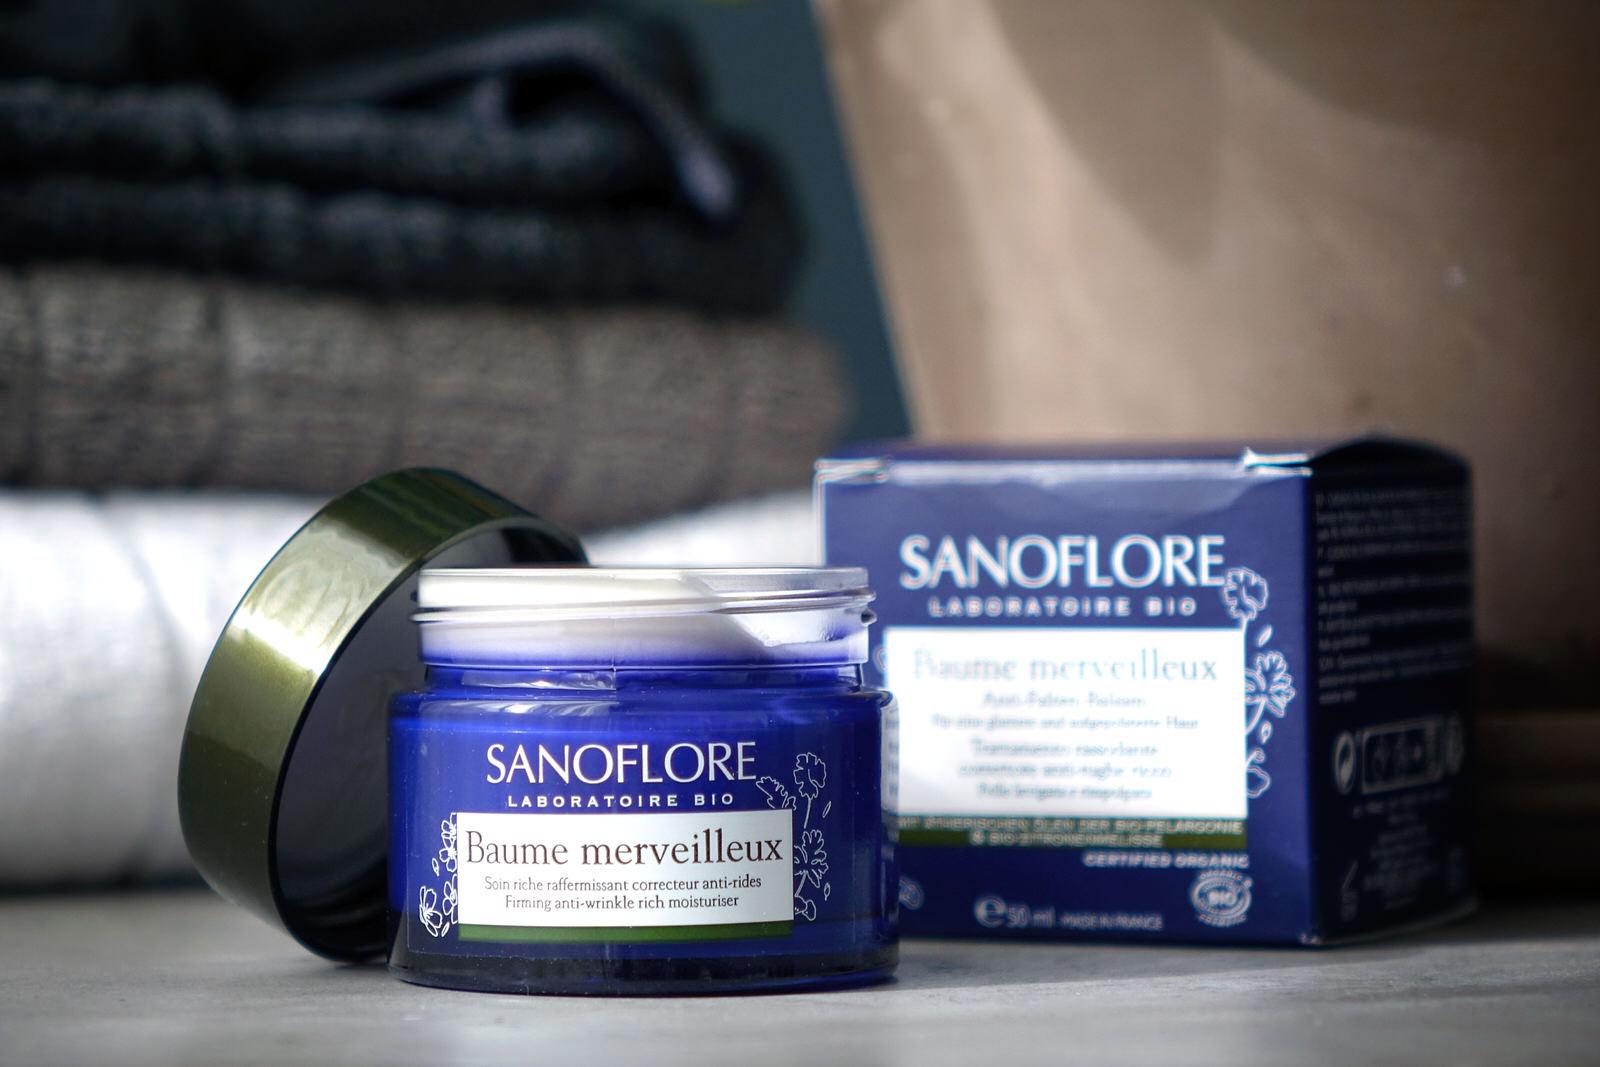 La gamme merveilleuse de Sanoflore, les nouveautés 2021